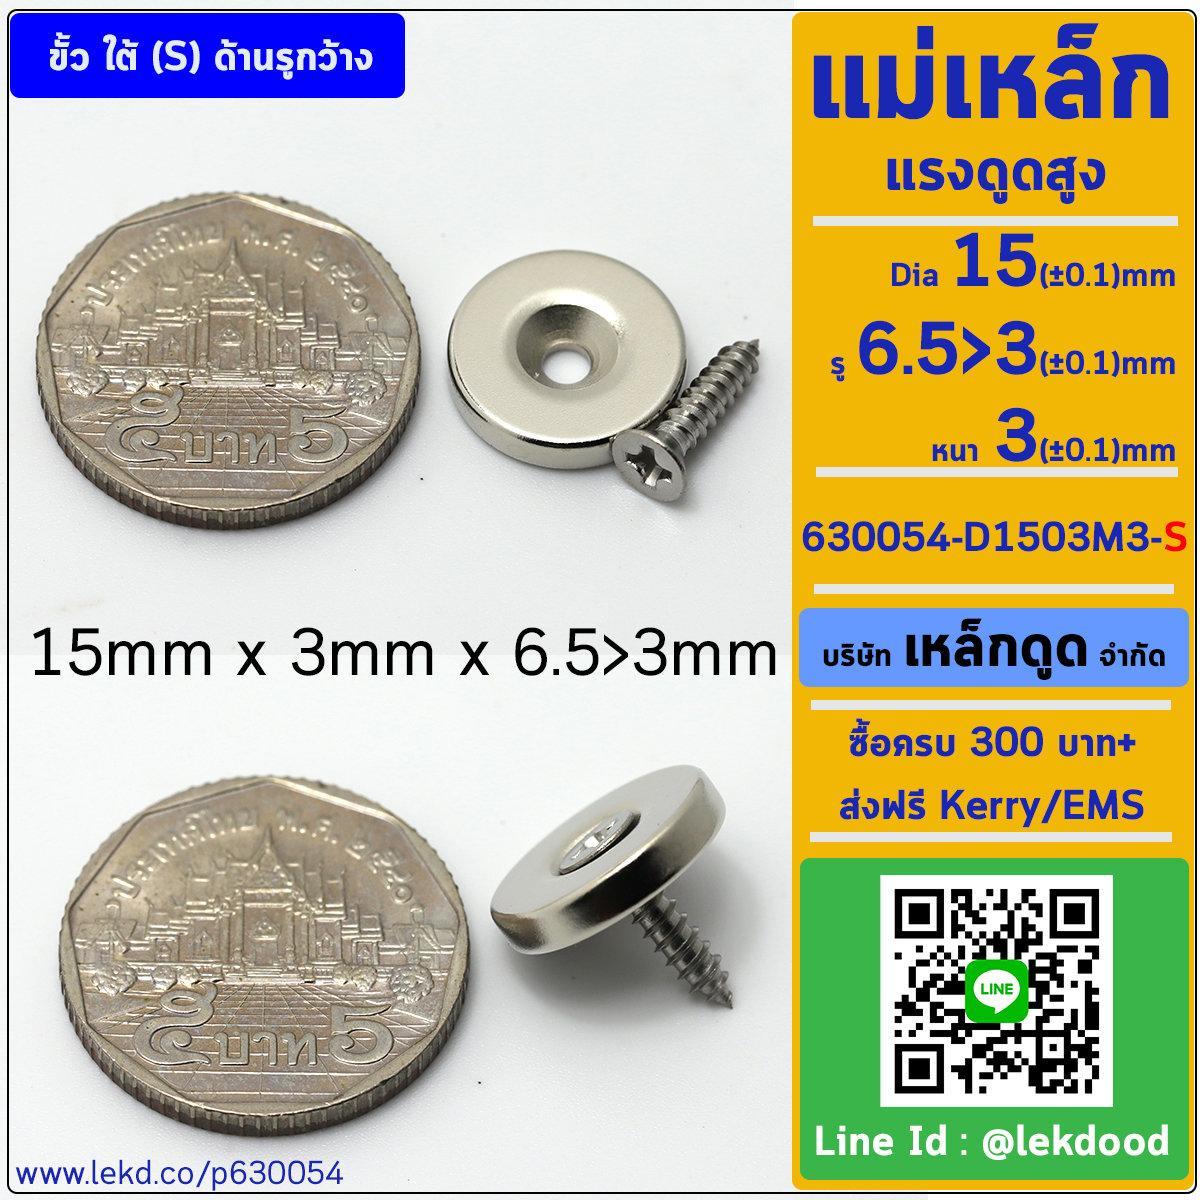 แม่เหล็กแรงสูง ขนาด 15mm x 3mm x 6.5>3mm ขั้วใต้(S)ด้านรูกว้าง รหัส 630054-D1503M3-S